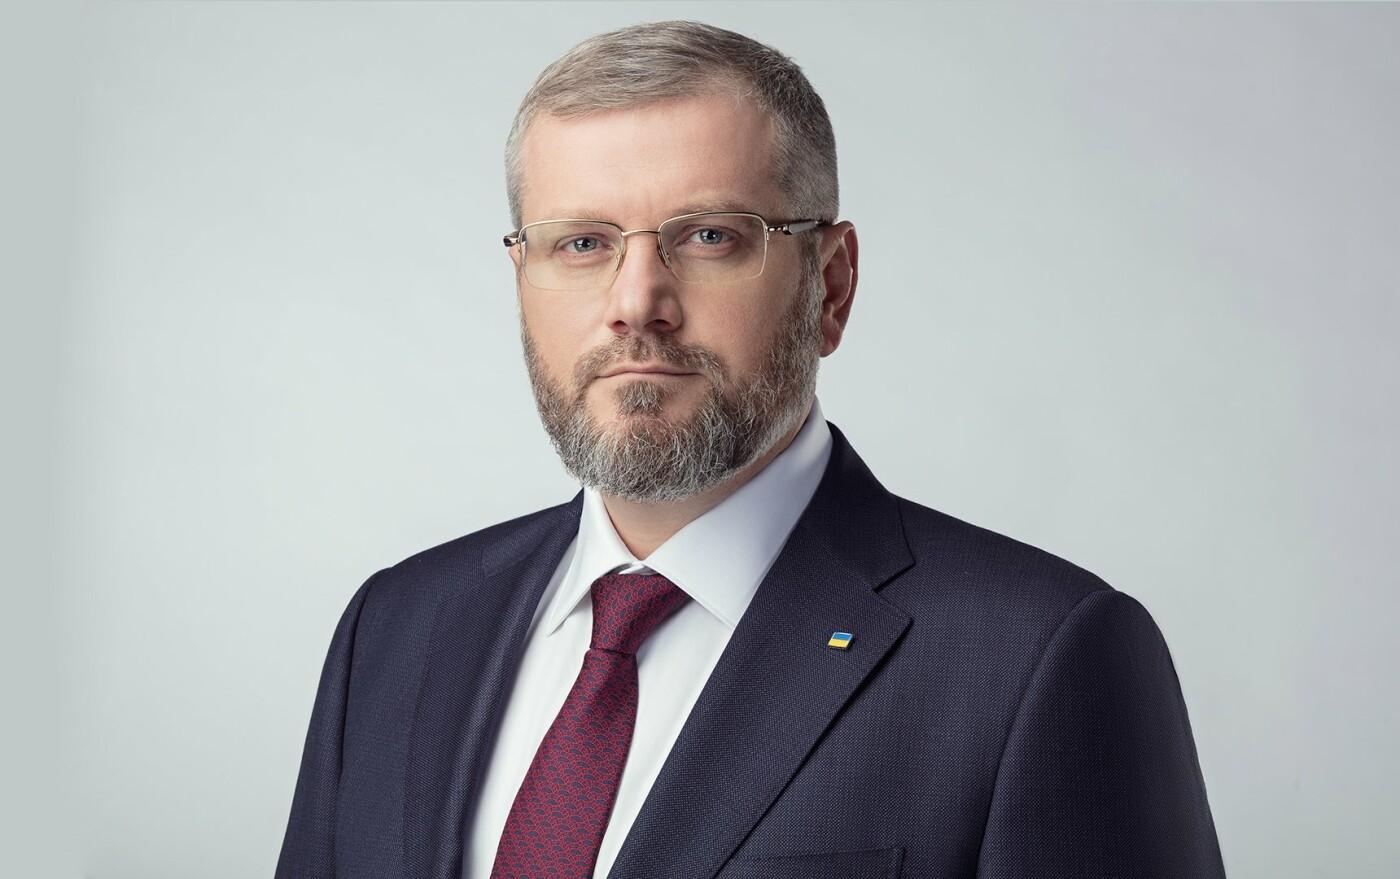 Вилкул: В Украине необходимо деполитизировать правоохранительную систему, фото-1